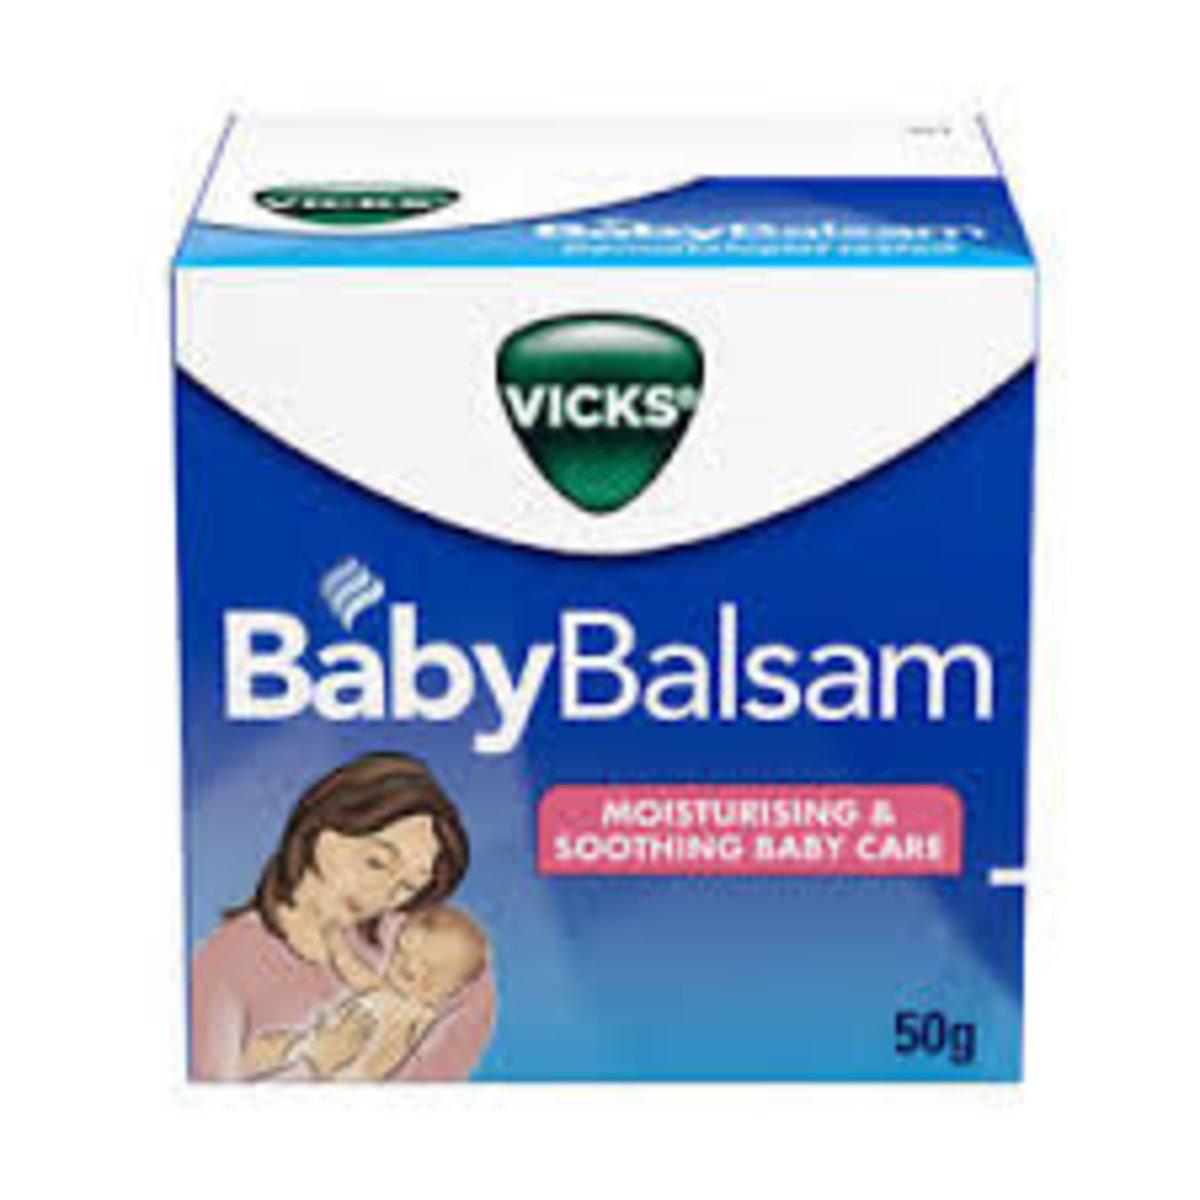 嬰兒兒童感冒舒緩膏 50g  (平行進口貨品)